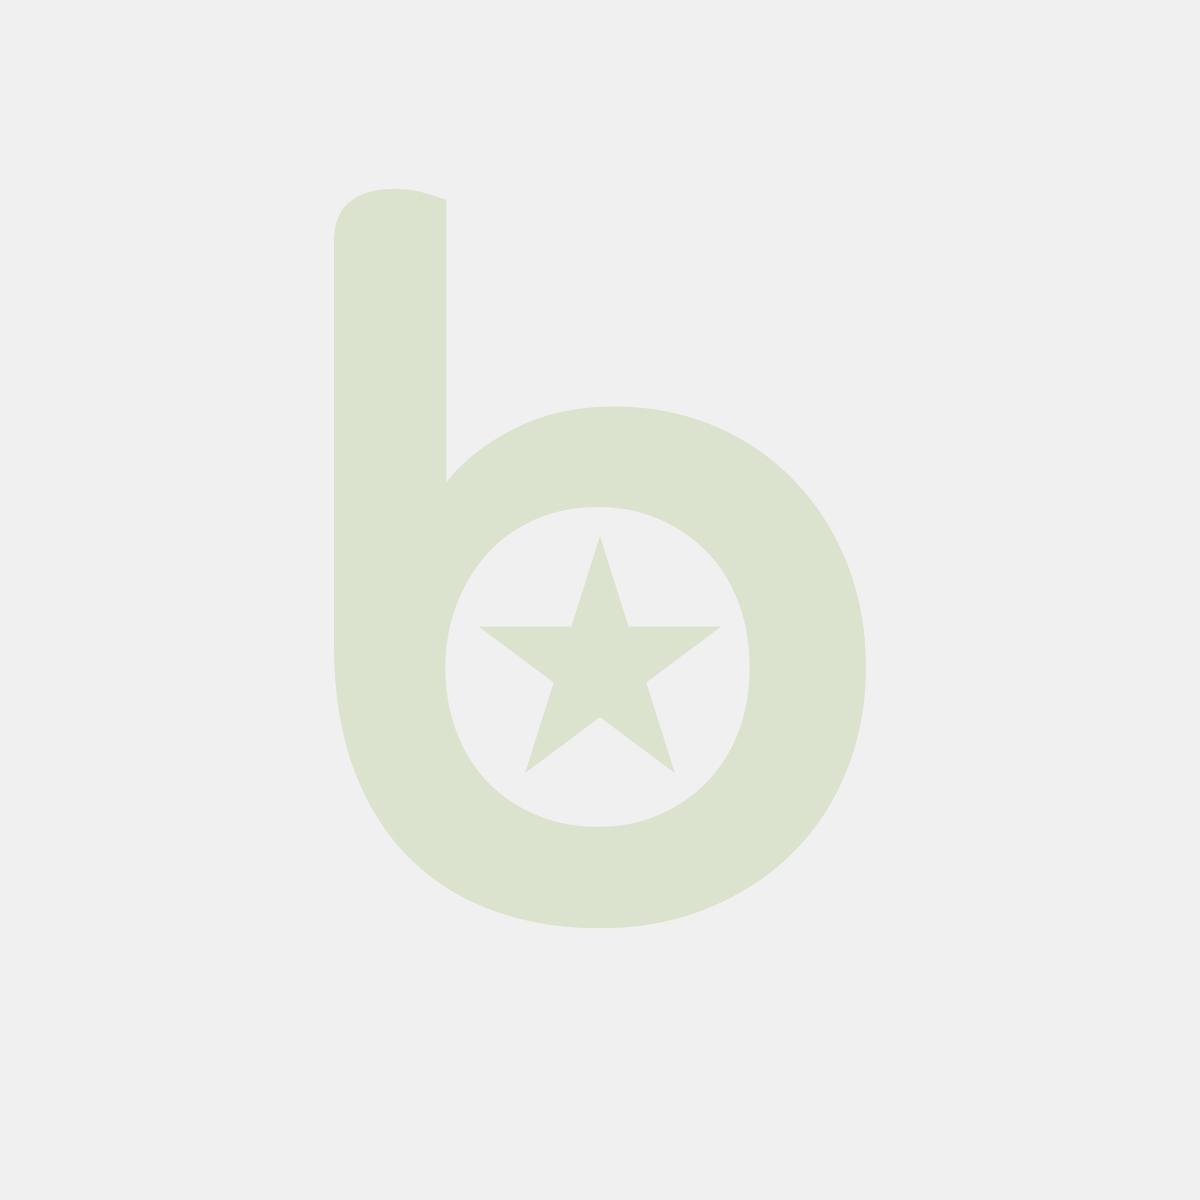 Miska do zupy czarna PP SABERT 500ml, cena za opakowanie 50szt